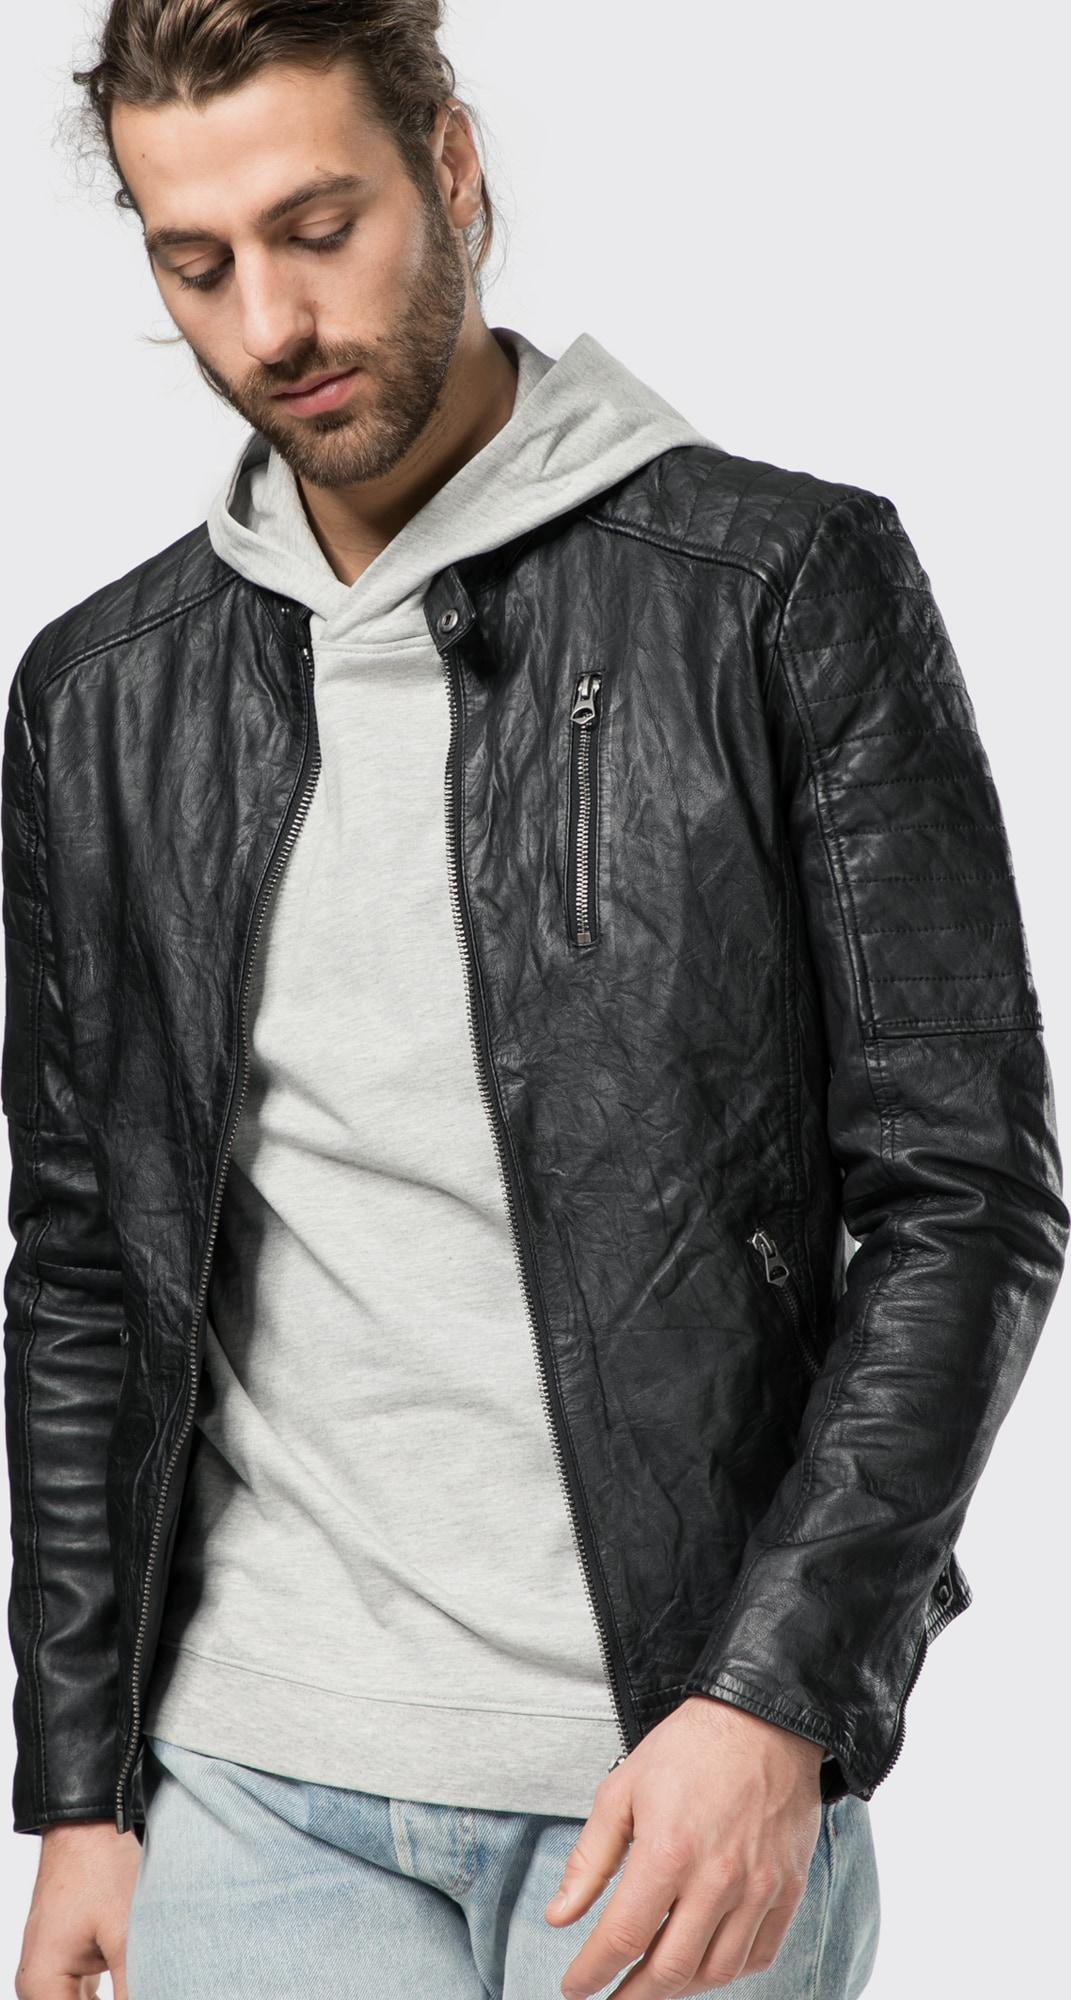 jack jones lederjacke 39 jjvrichard lamb leather jacket noos 39 in schwarz about you. Black Bedroom Furniture Sets. Home Design Ideas